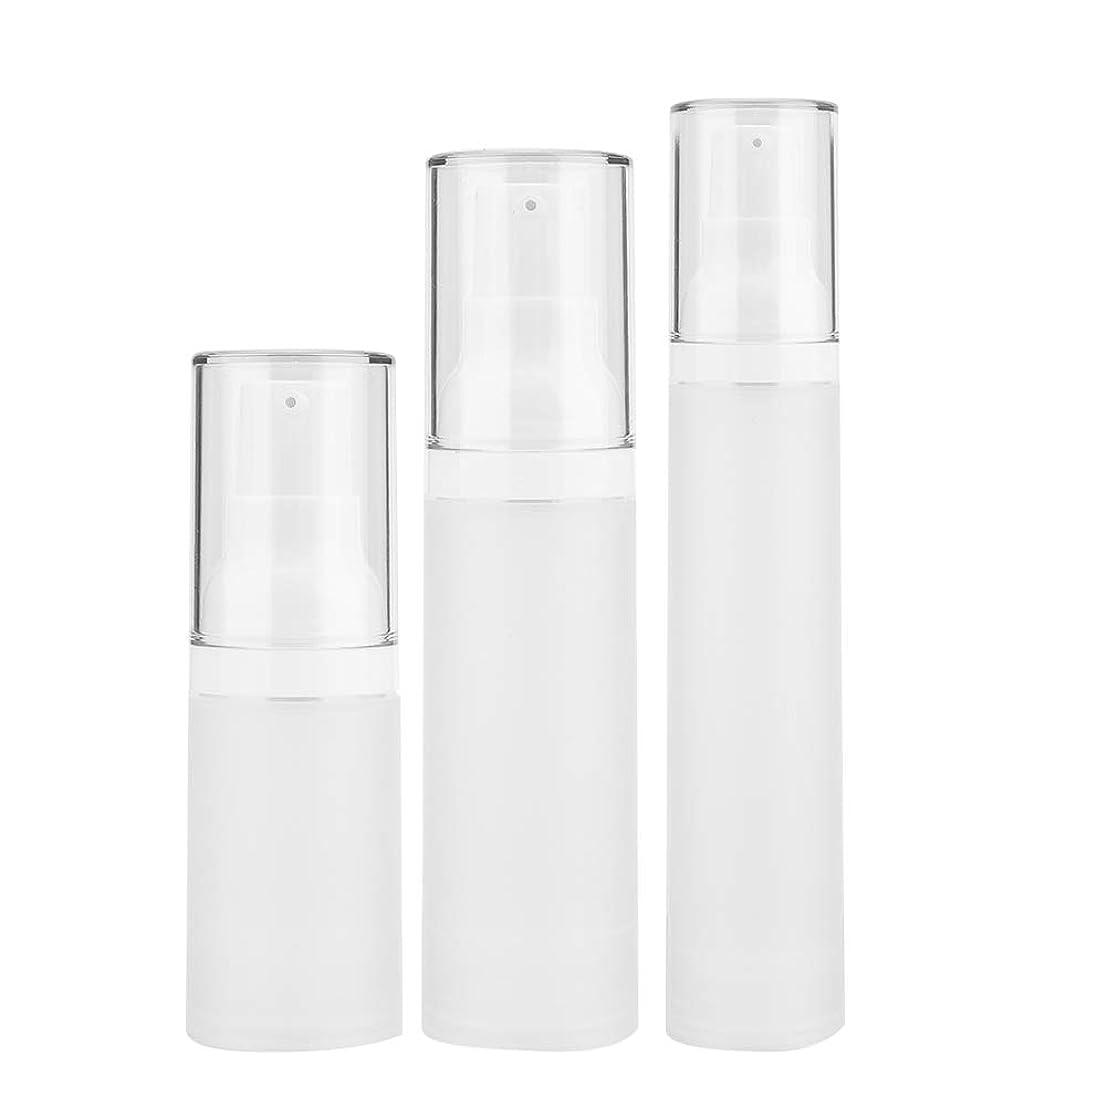 め言葉協会アレルギー性3本入りトラベルボトルセット - 化粧品旅行用容器、化粧品容器が空の化粧品容器付きペットボトル - シャンプーとスプレー用(3 pcs)